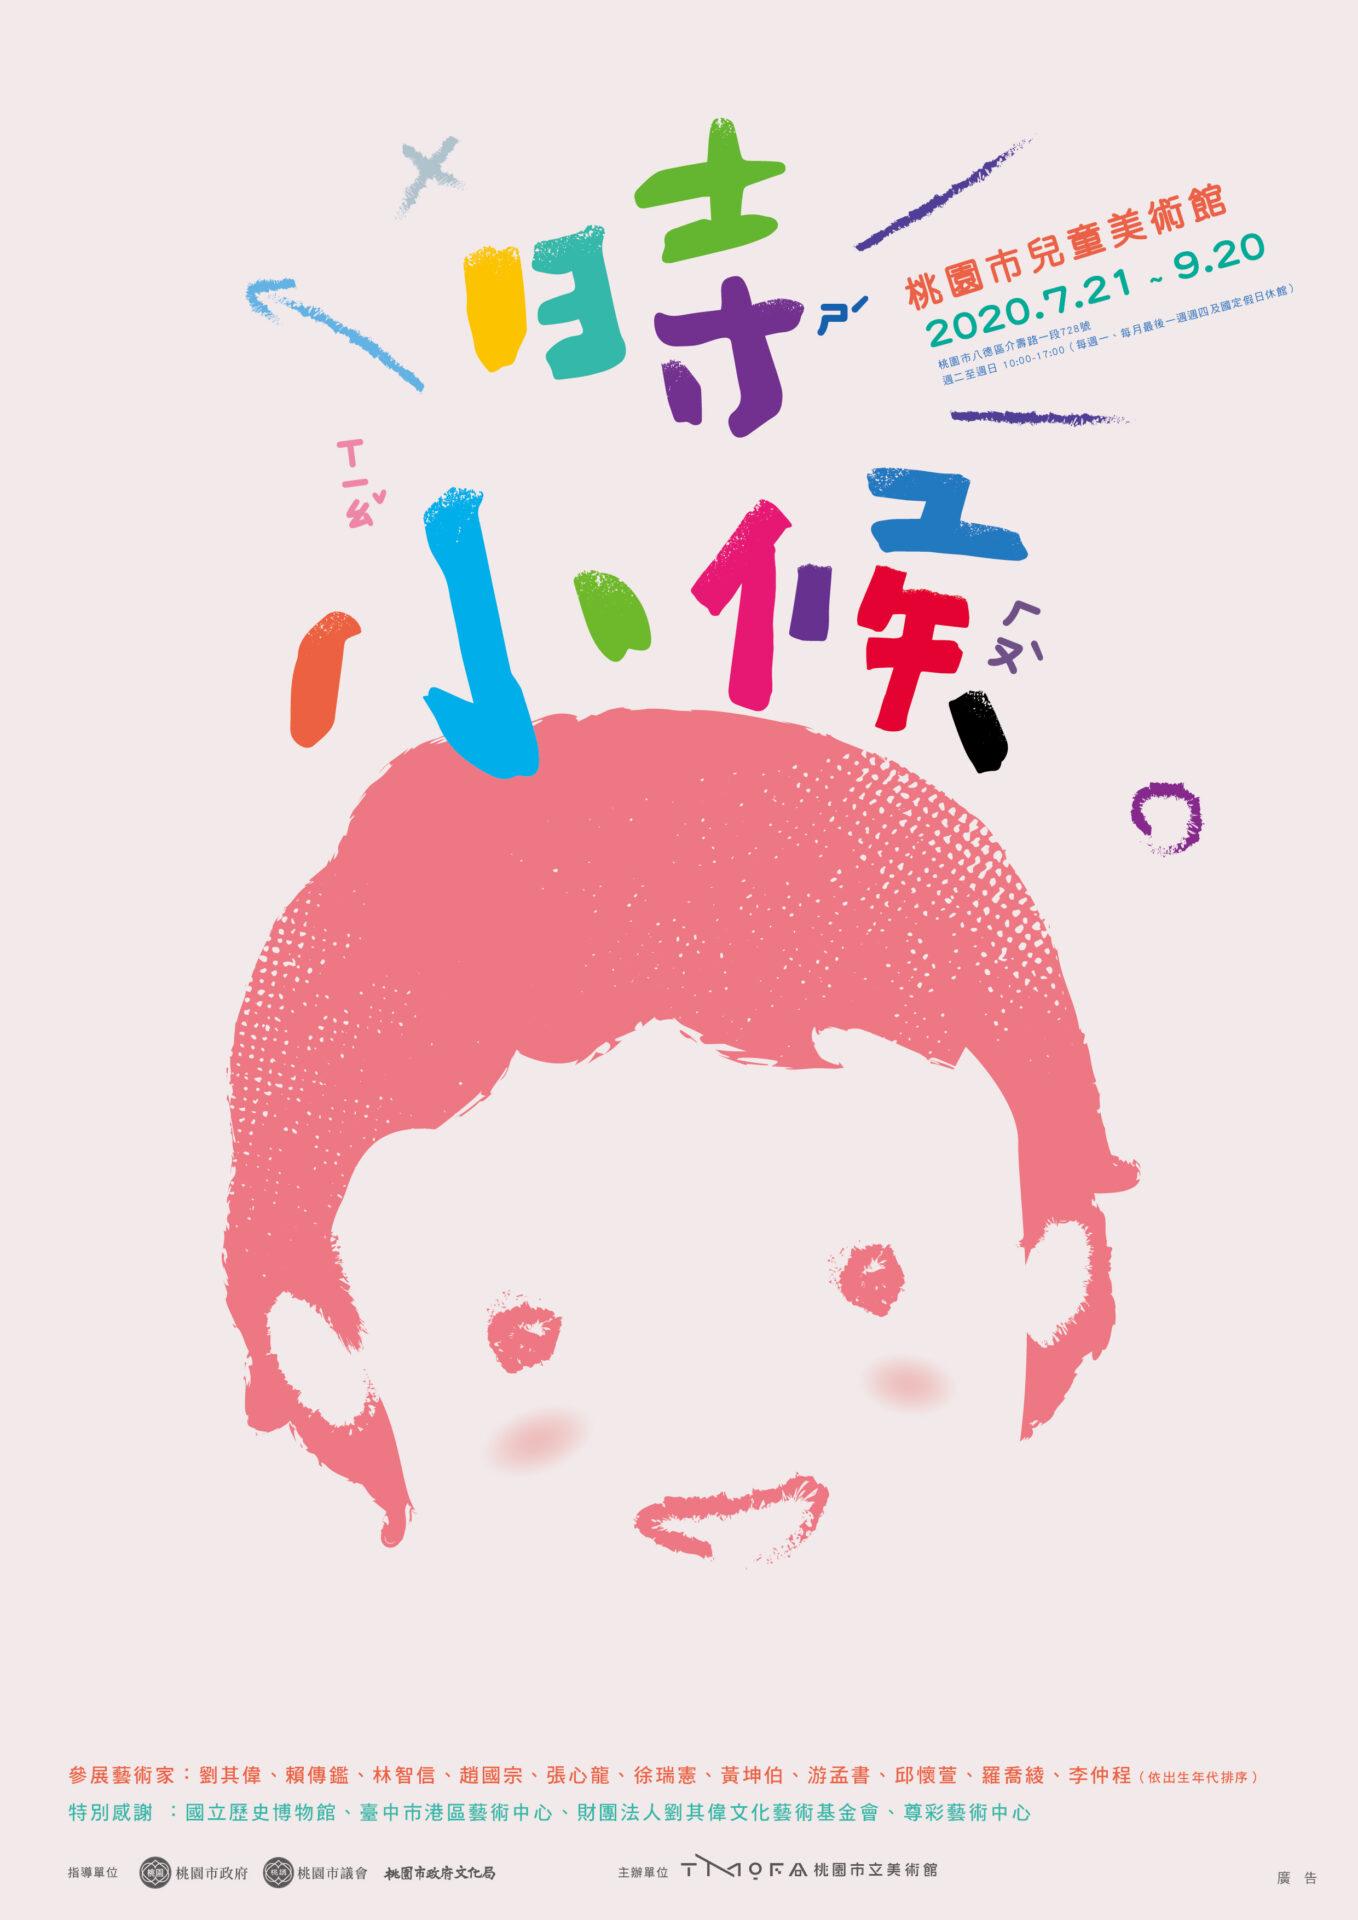 桃園市兒童美術館:2020/07/21-09/20【小時候 特展】